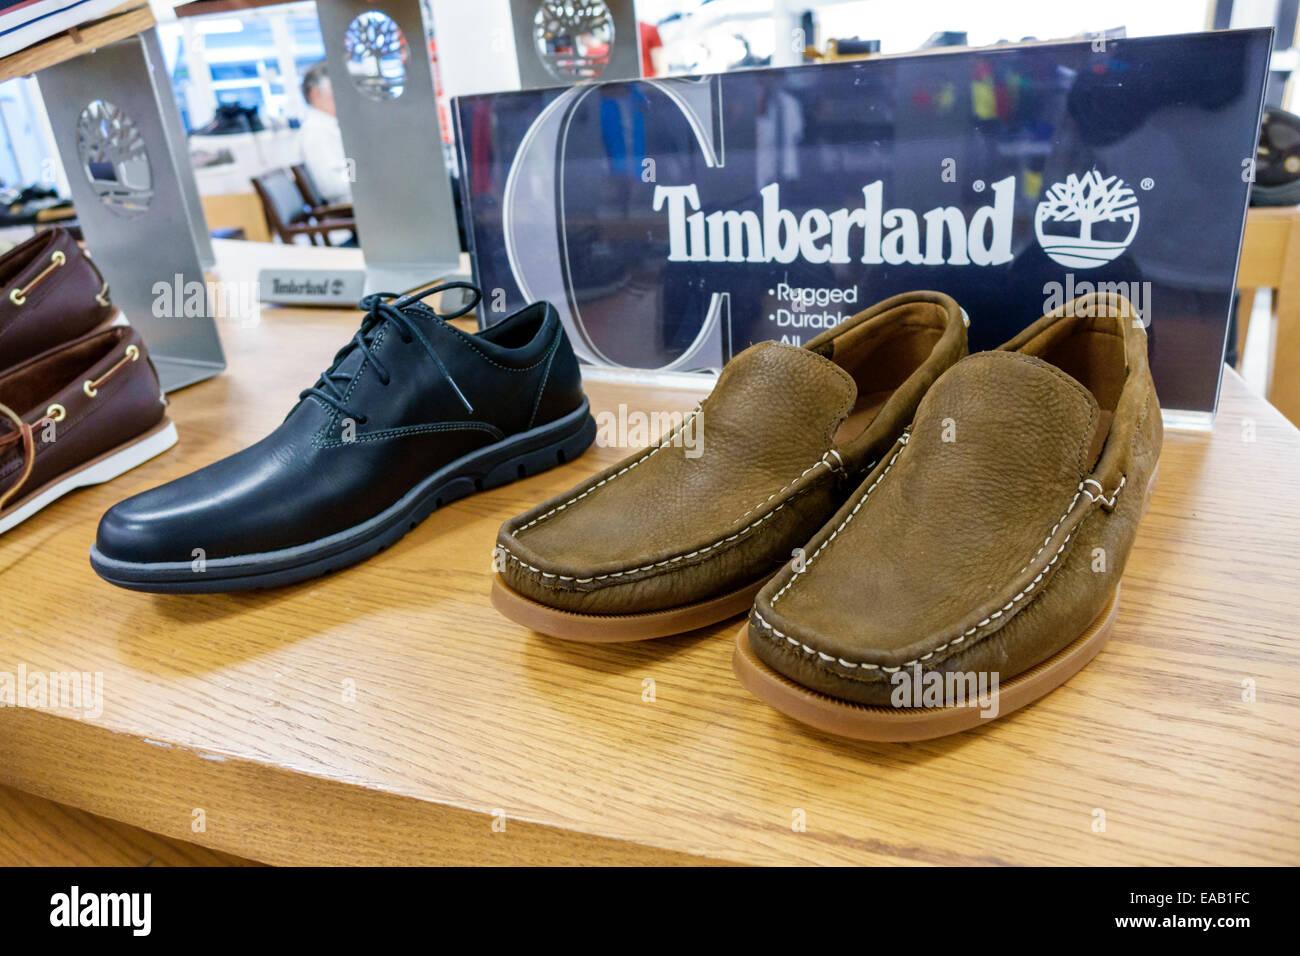 Timberland Images Alamy Timberland Photos Alamy Photos amp; amp; Photos Images amp; Images Timberland 8PxUw4dq